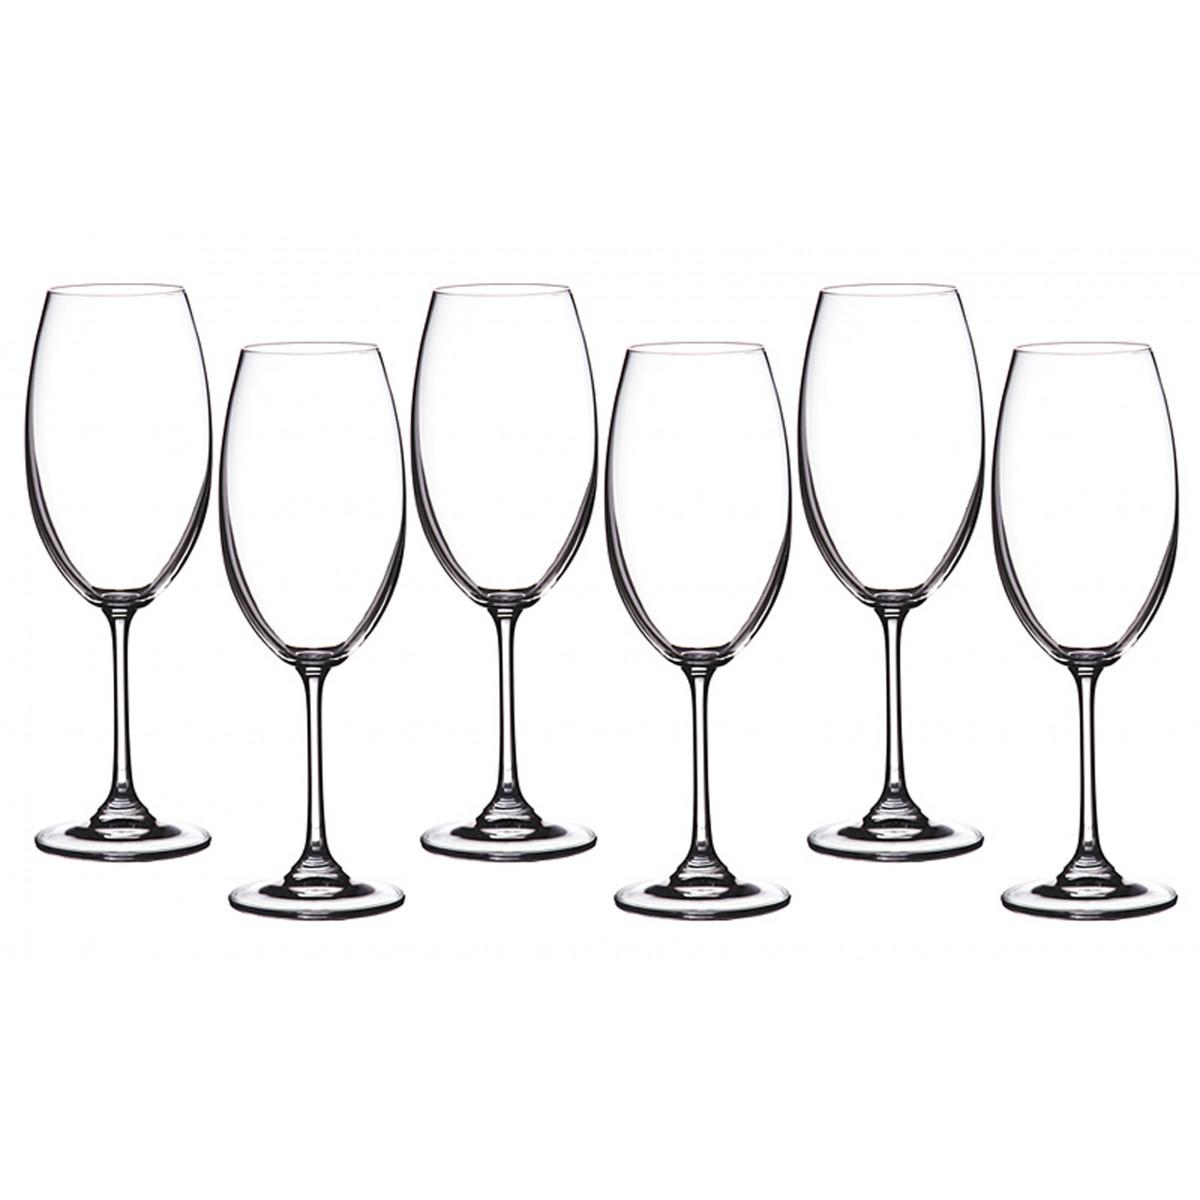 {} Crystalite Bohemia Набор бокалов для вина Gus  (22 см - 6 шт) набор бокалов для бренди коралл 40600 q8105 400 анжела